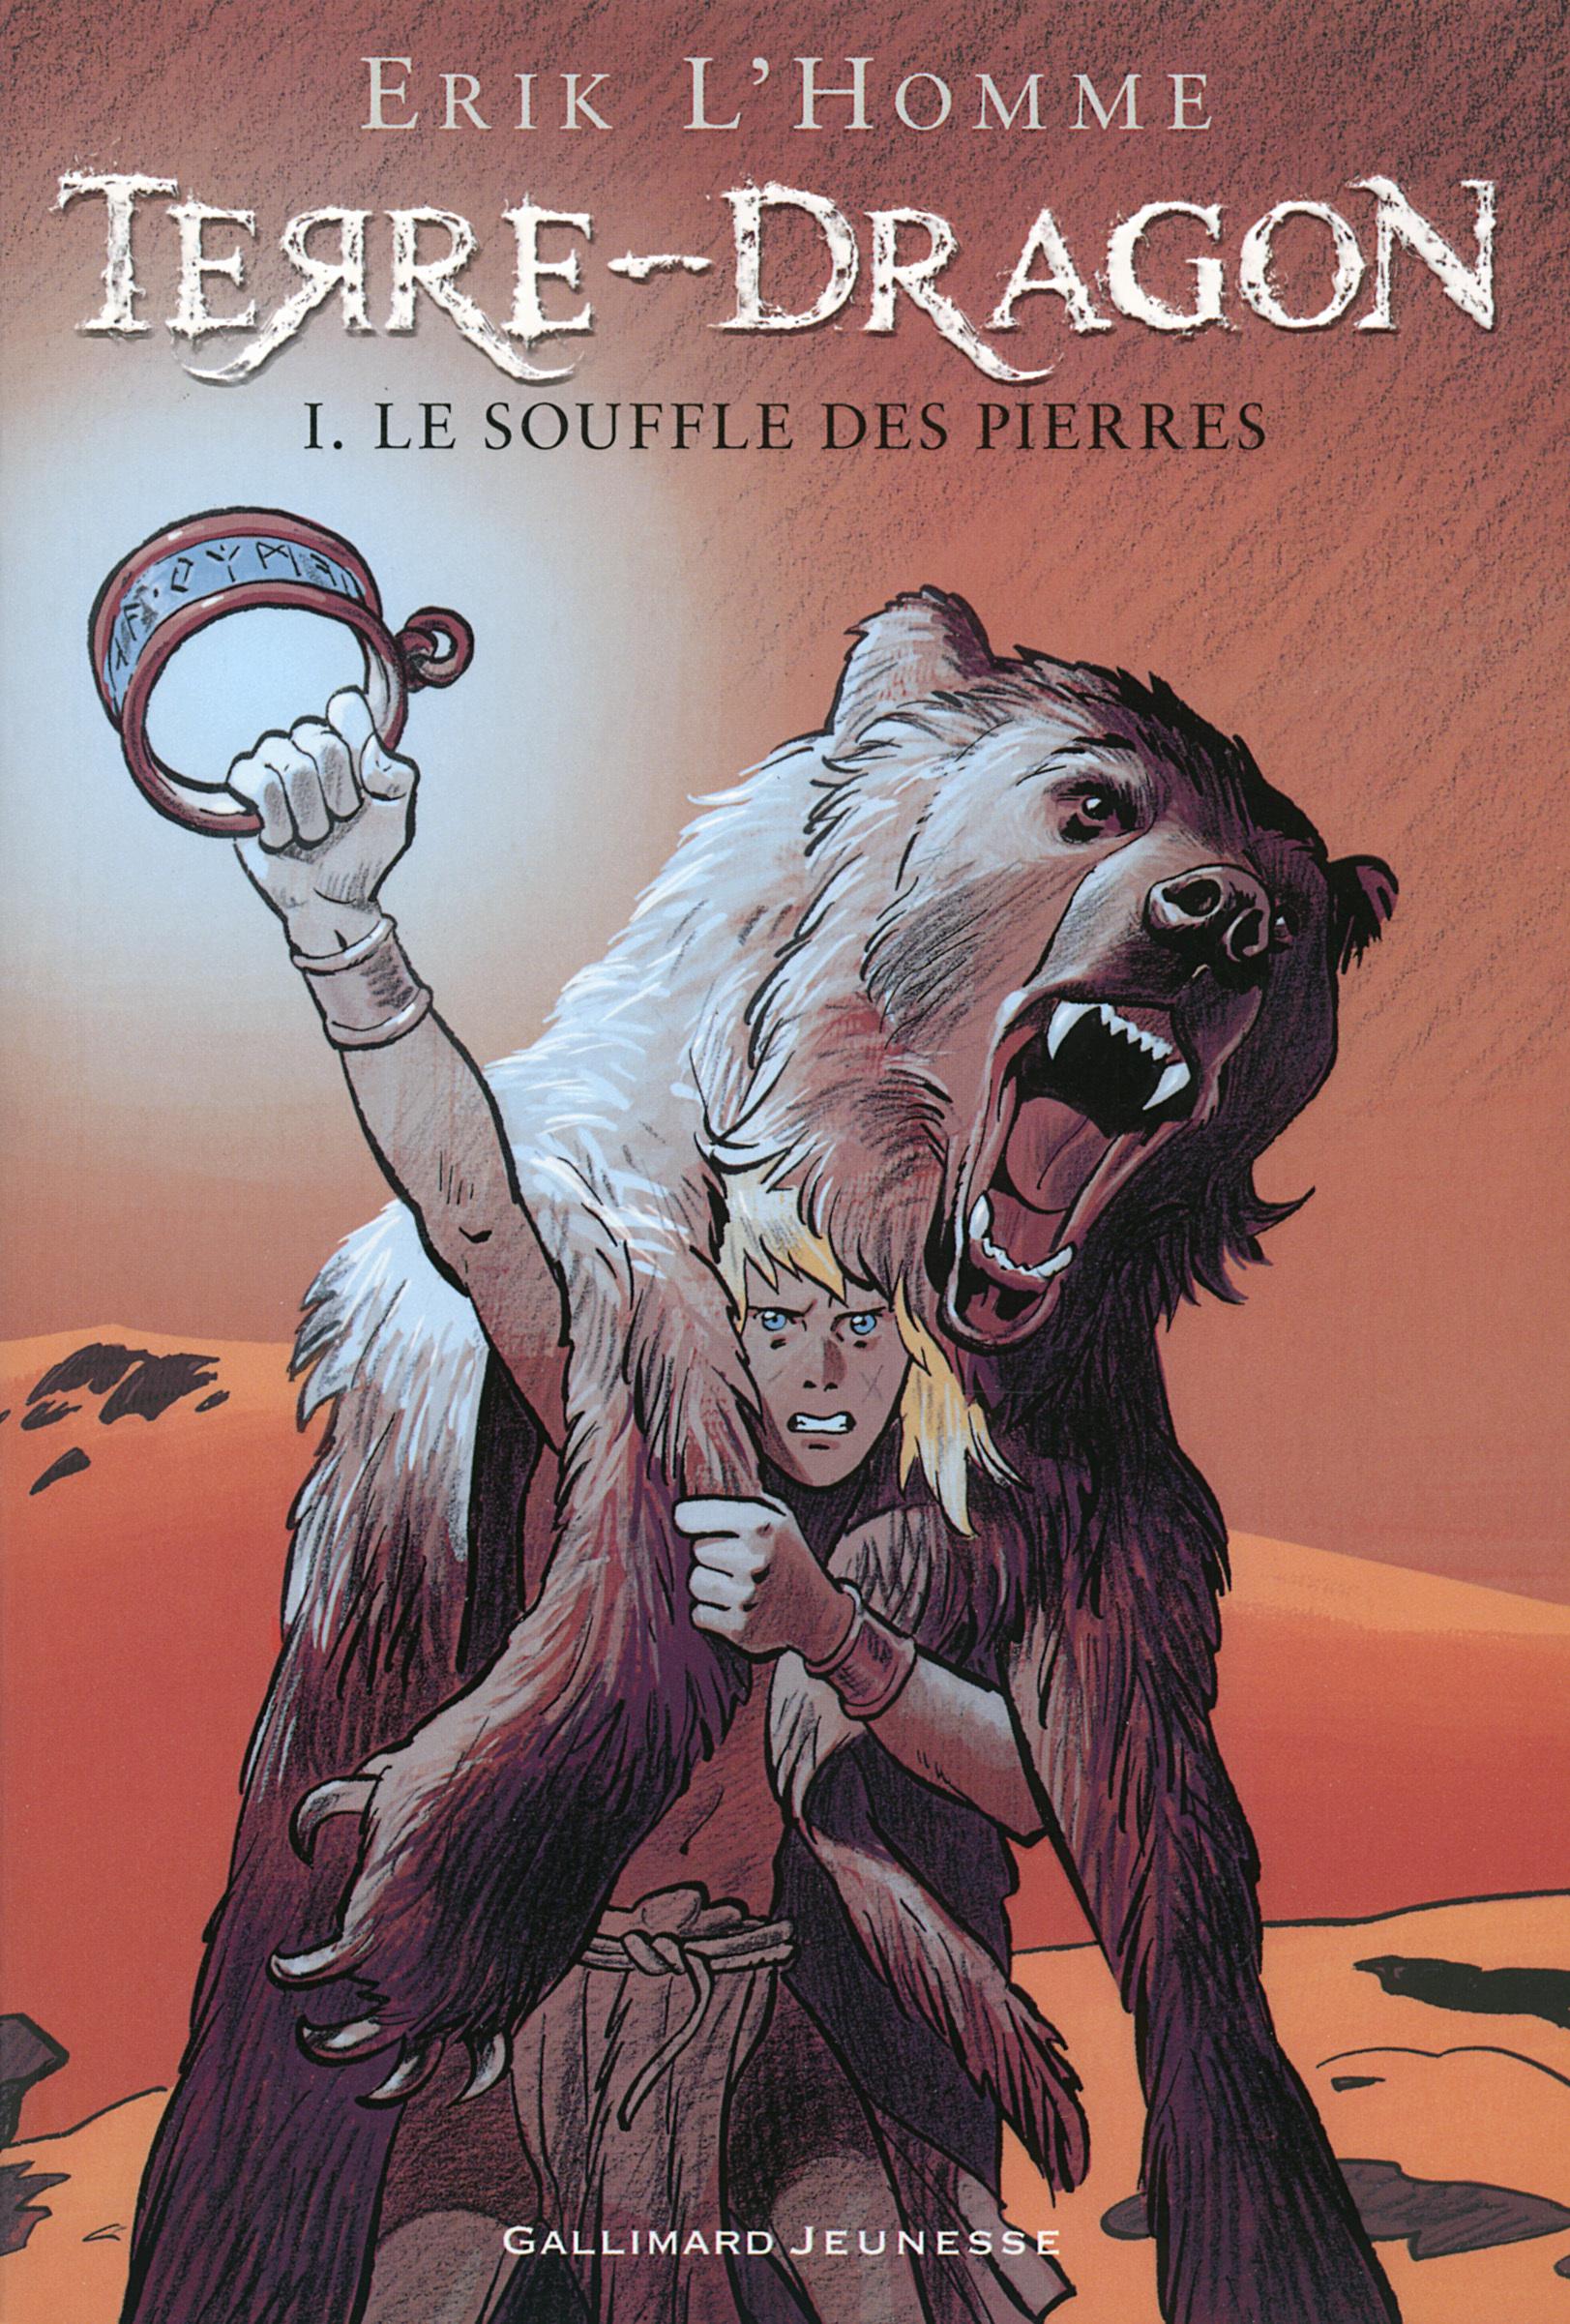 TERRE-DRAGON 1. LE SOUFFLE DES PIERRES